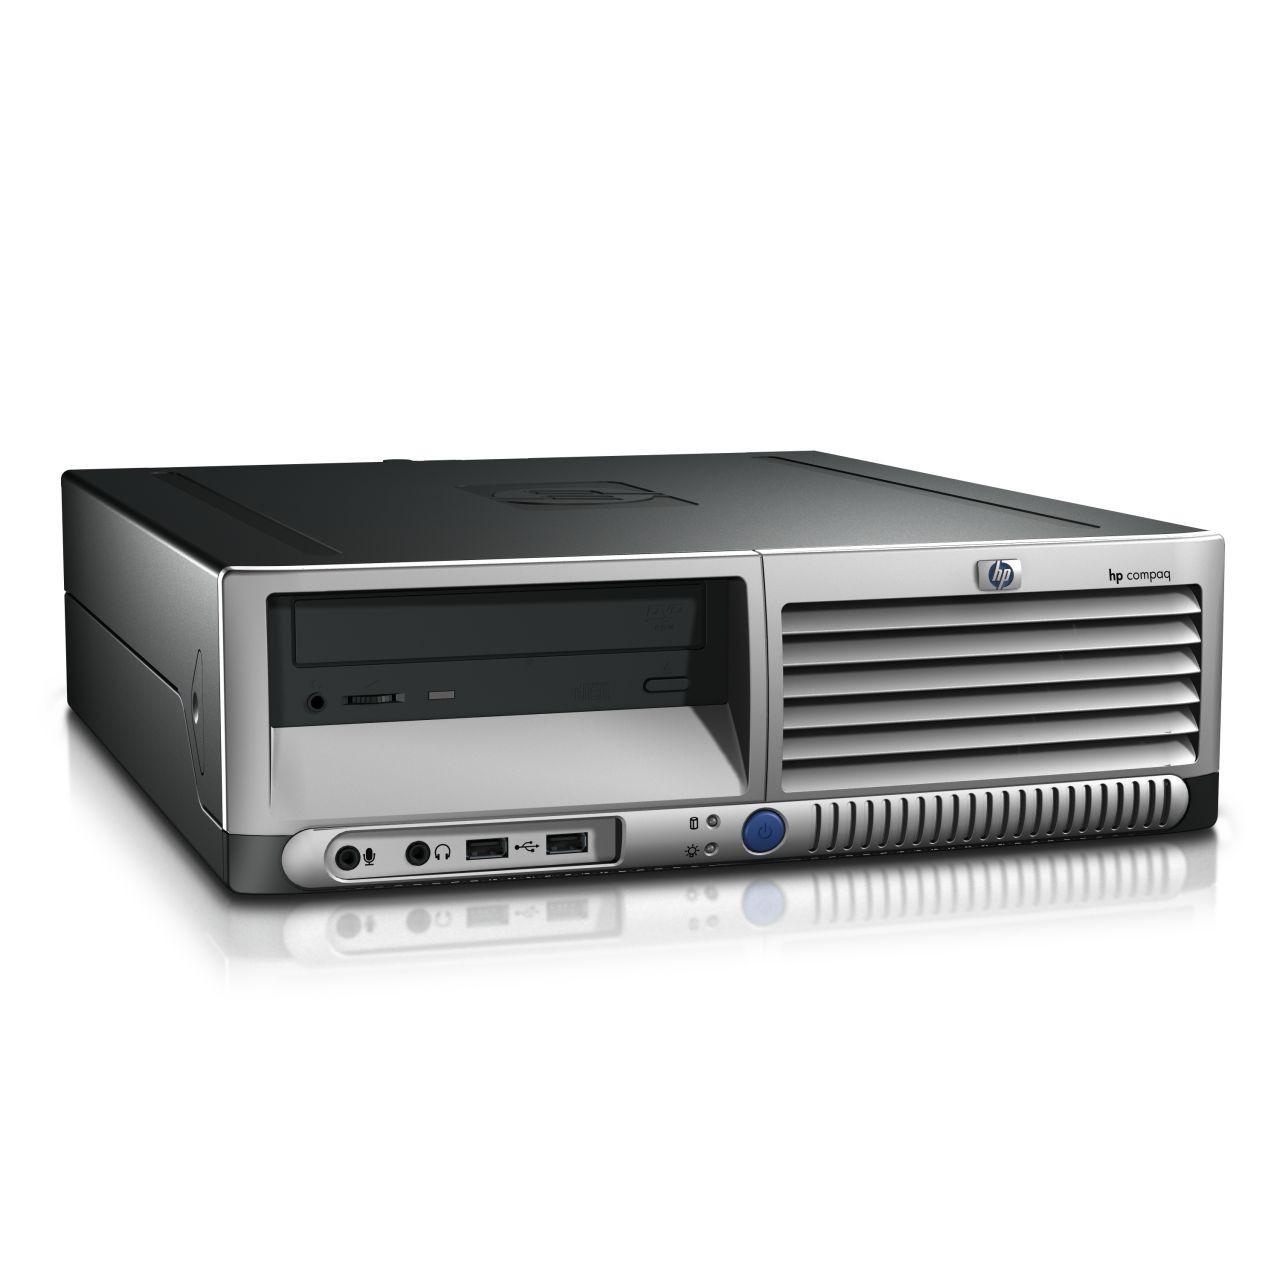 Hp compaq desktop computer